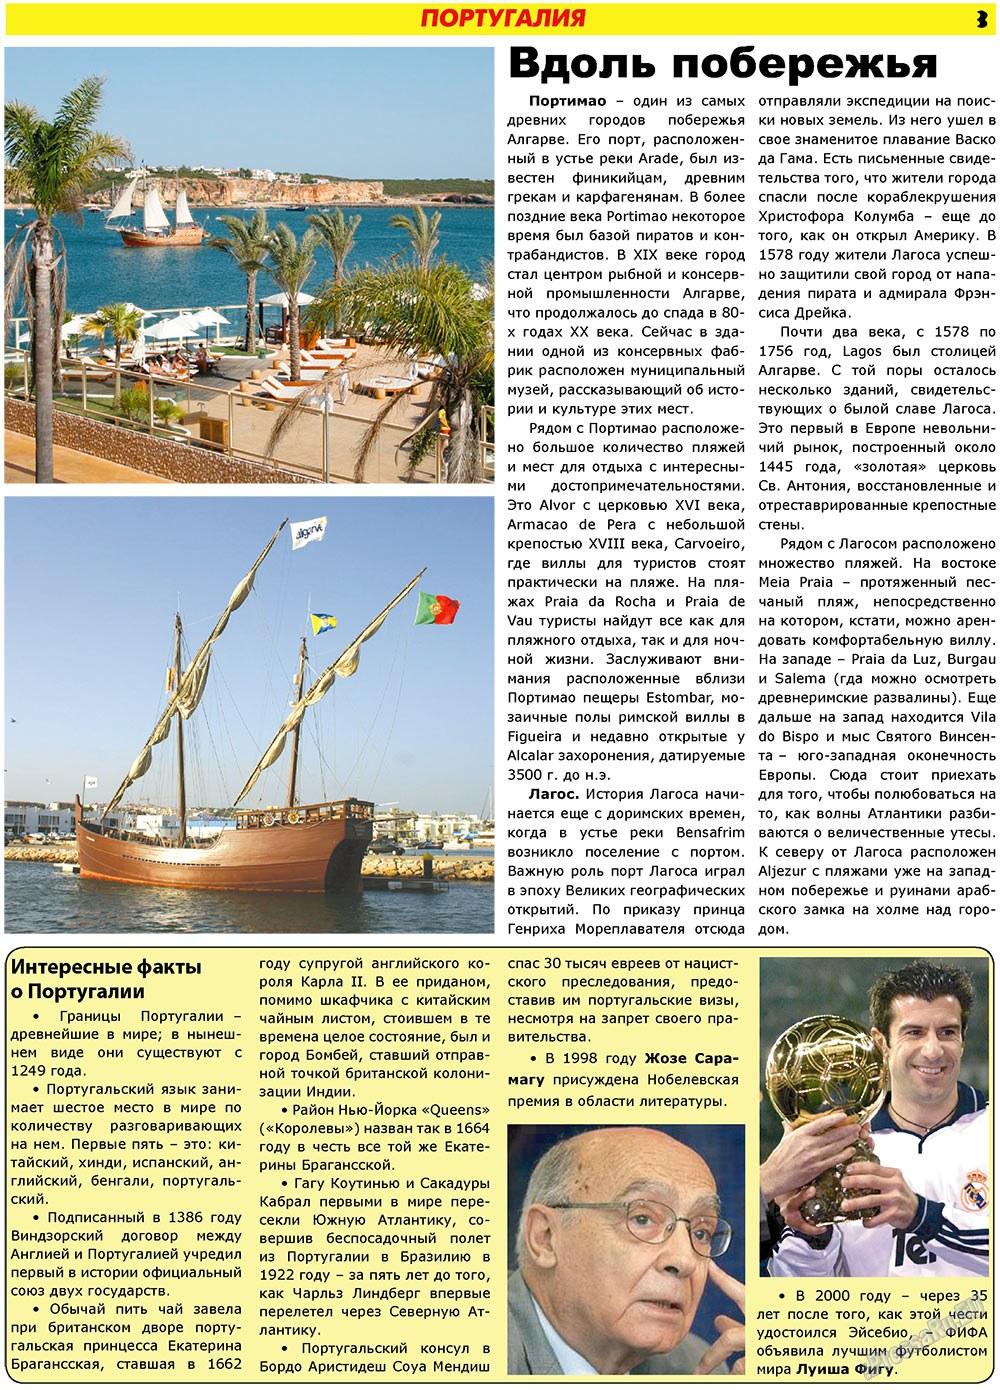 Forum Plus (газета). 2009 год, номер 3, стр. 3